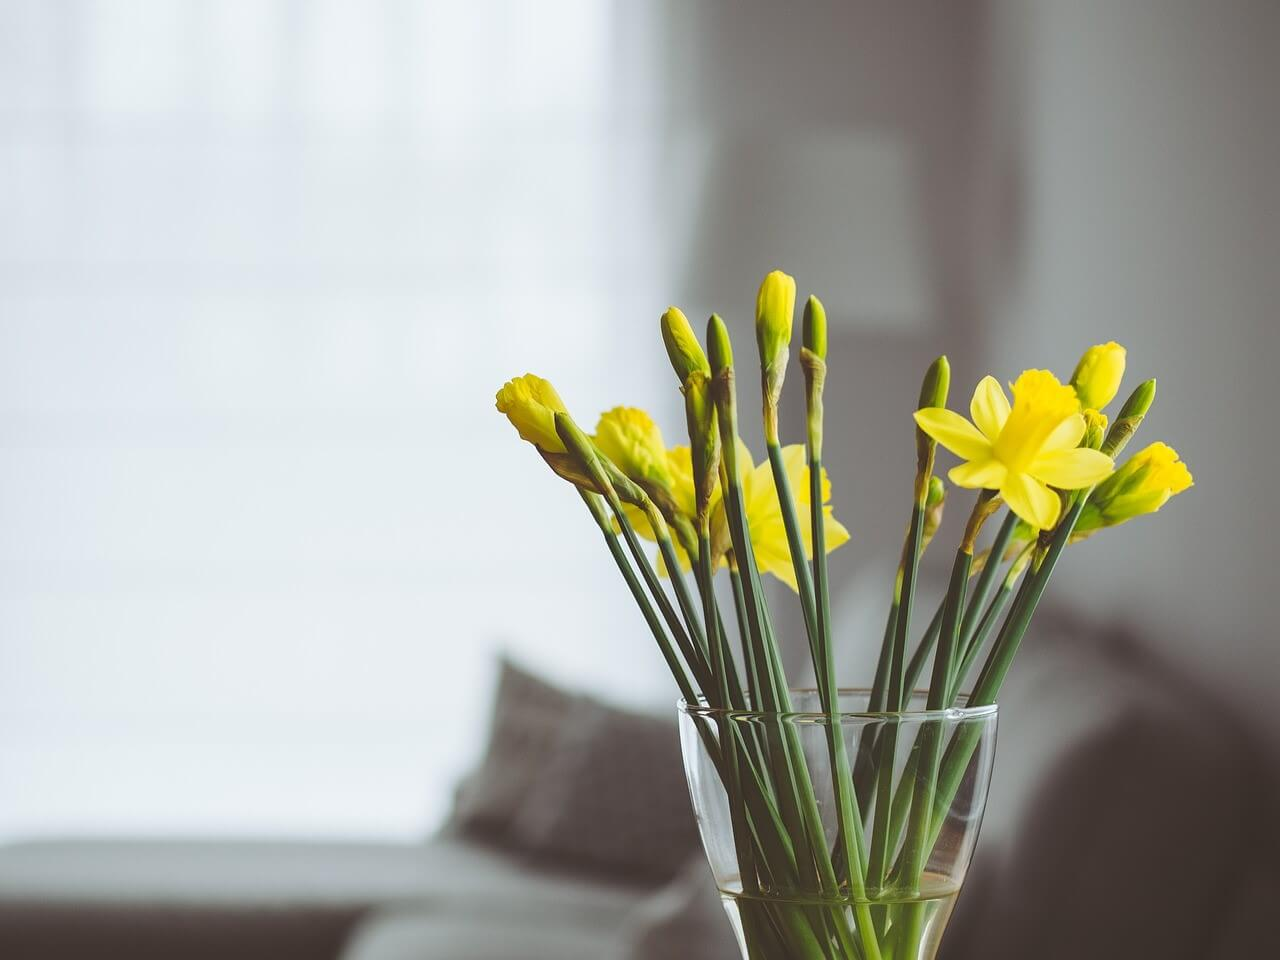 基本が重要!華道の礼儀作法と生け花の基本について